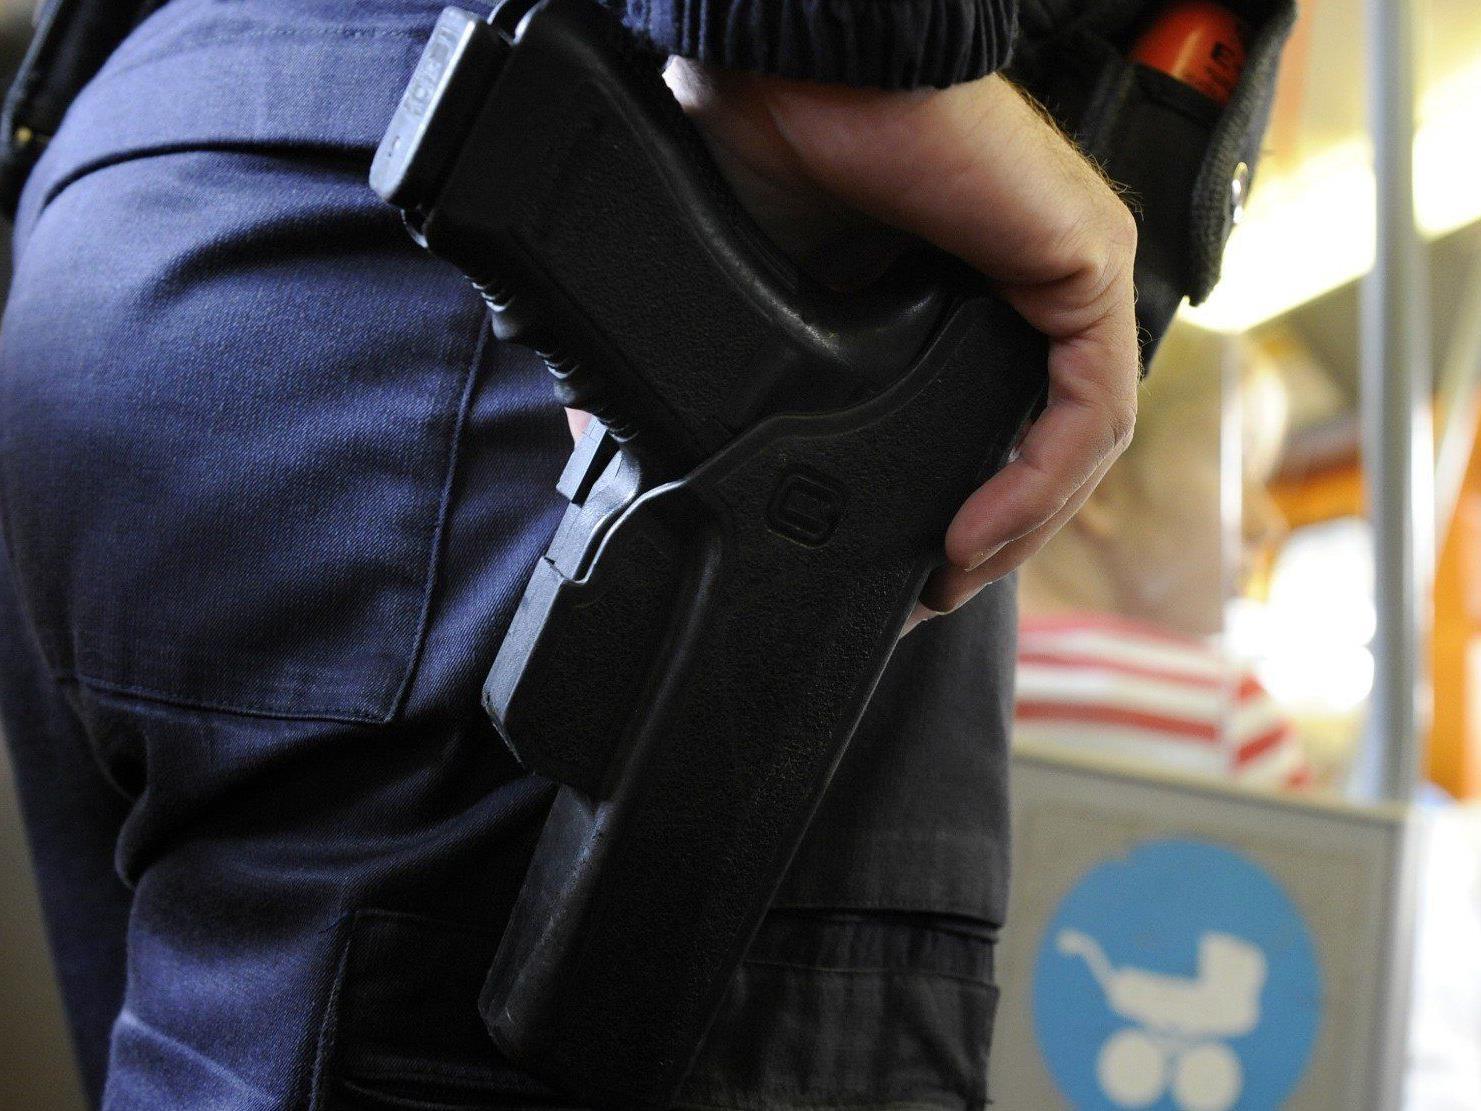 Während einer Personenkontrolle wollte ein Mann einem Polizisten die Dienstwaffe entreißen.